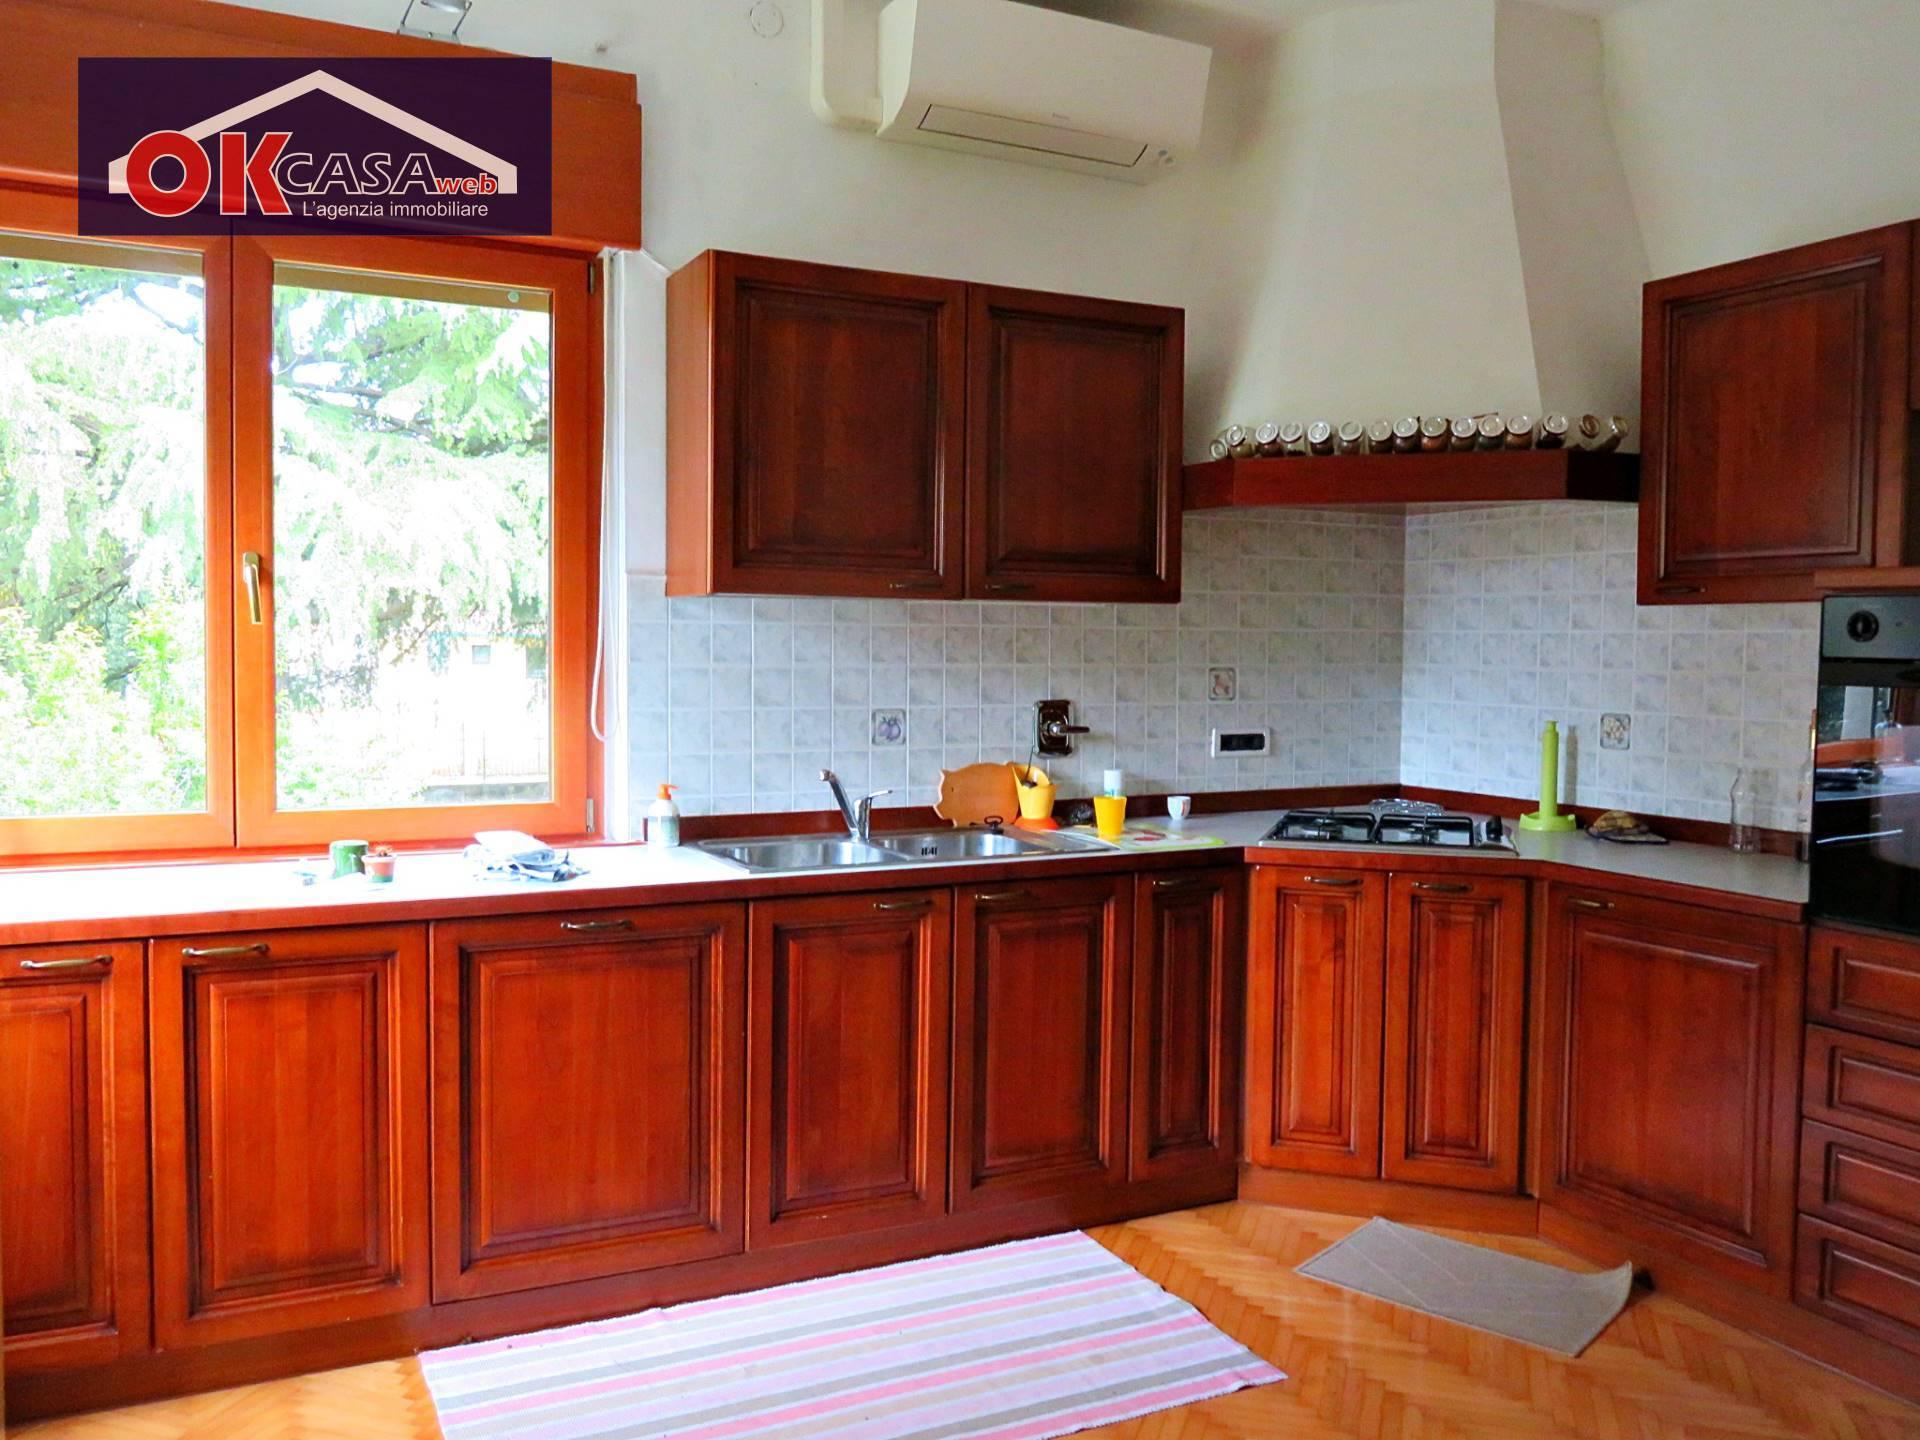 Villa in vendita a Gradisca d'Isonzo, 7 locali, prezzo € 289.000 | CambioCasa.it